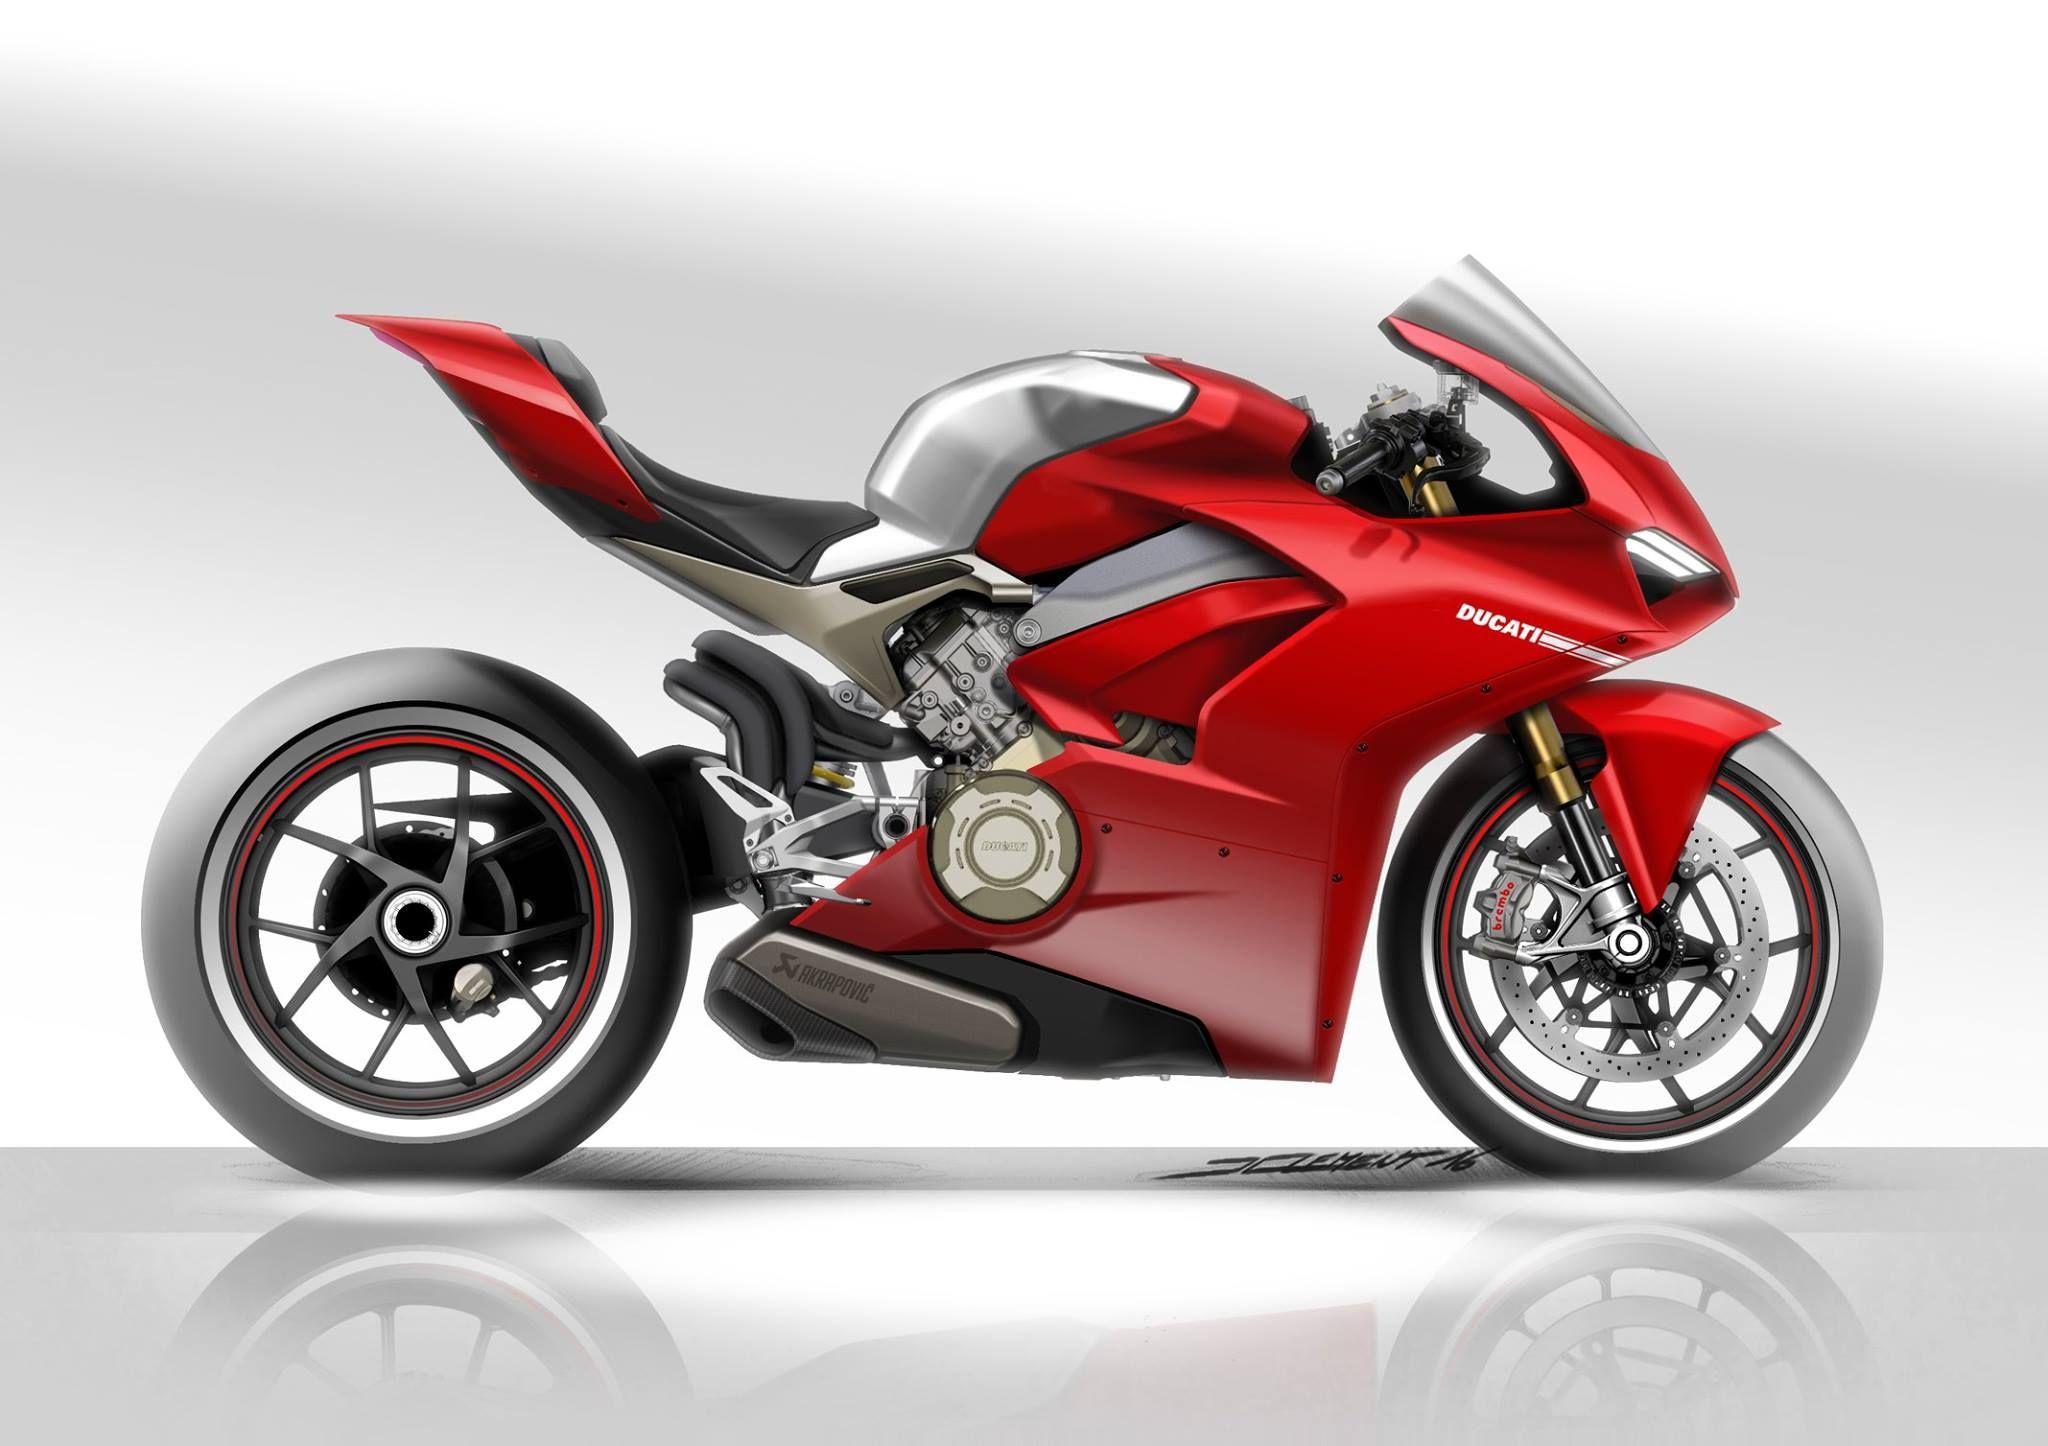 Superbike Panigale Ducati Motos Dibujos Motos Geniales Motos Deportivas